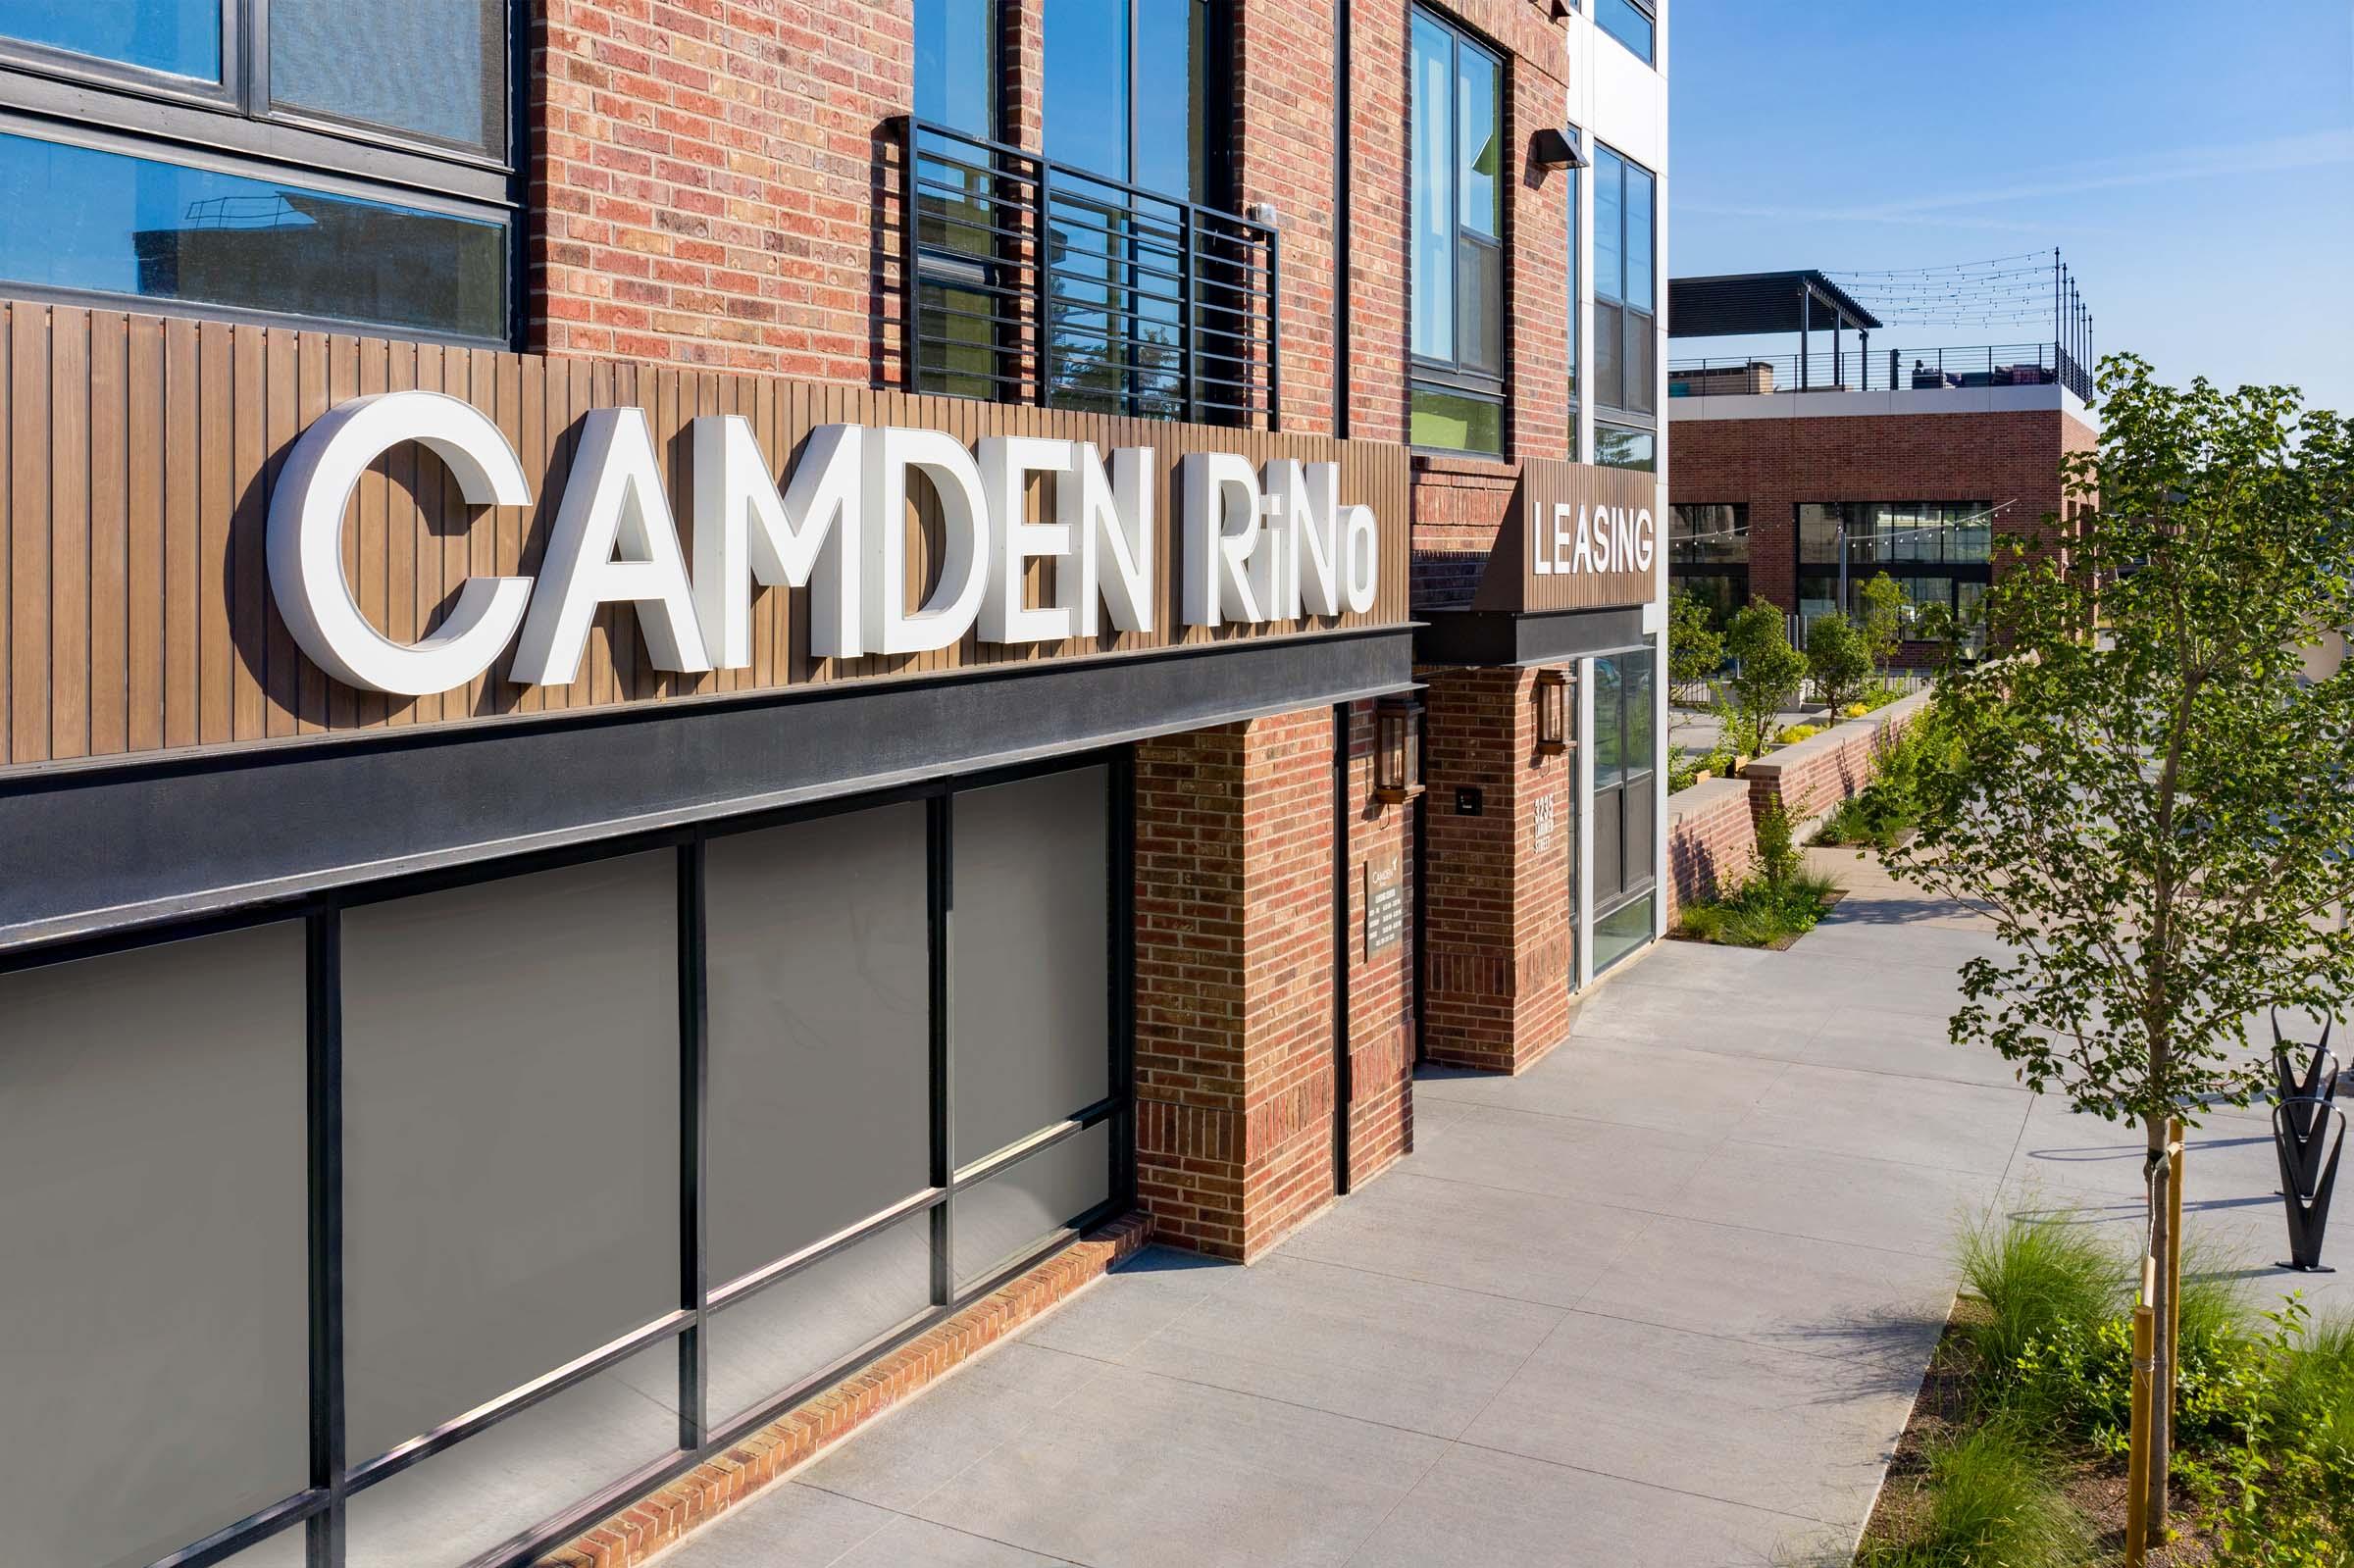 Camden Rino Community Gallery Camdenliving Com